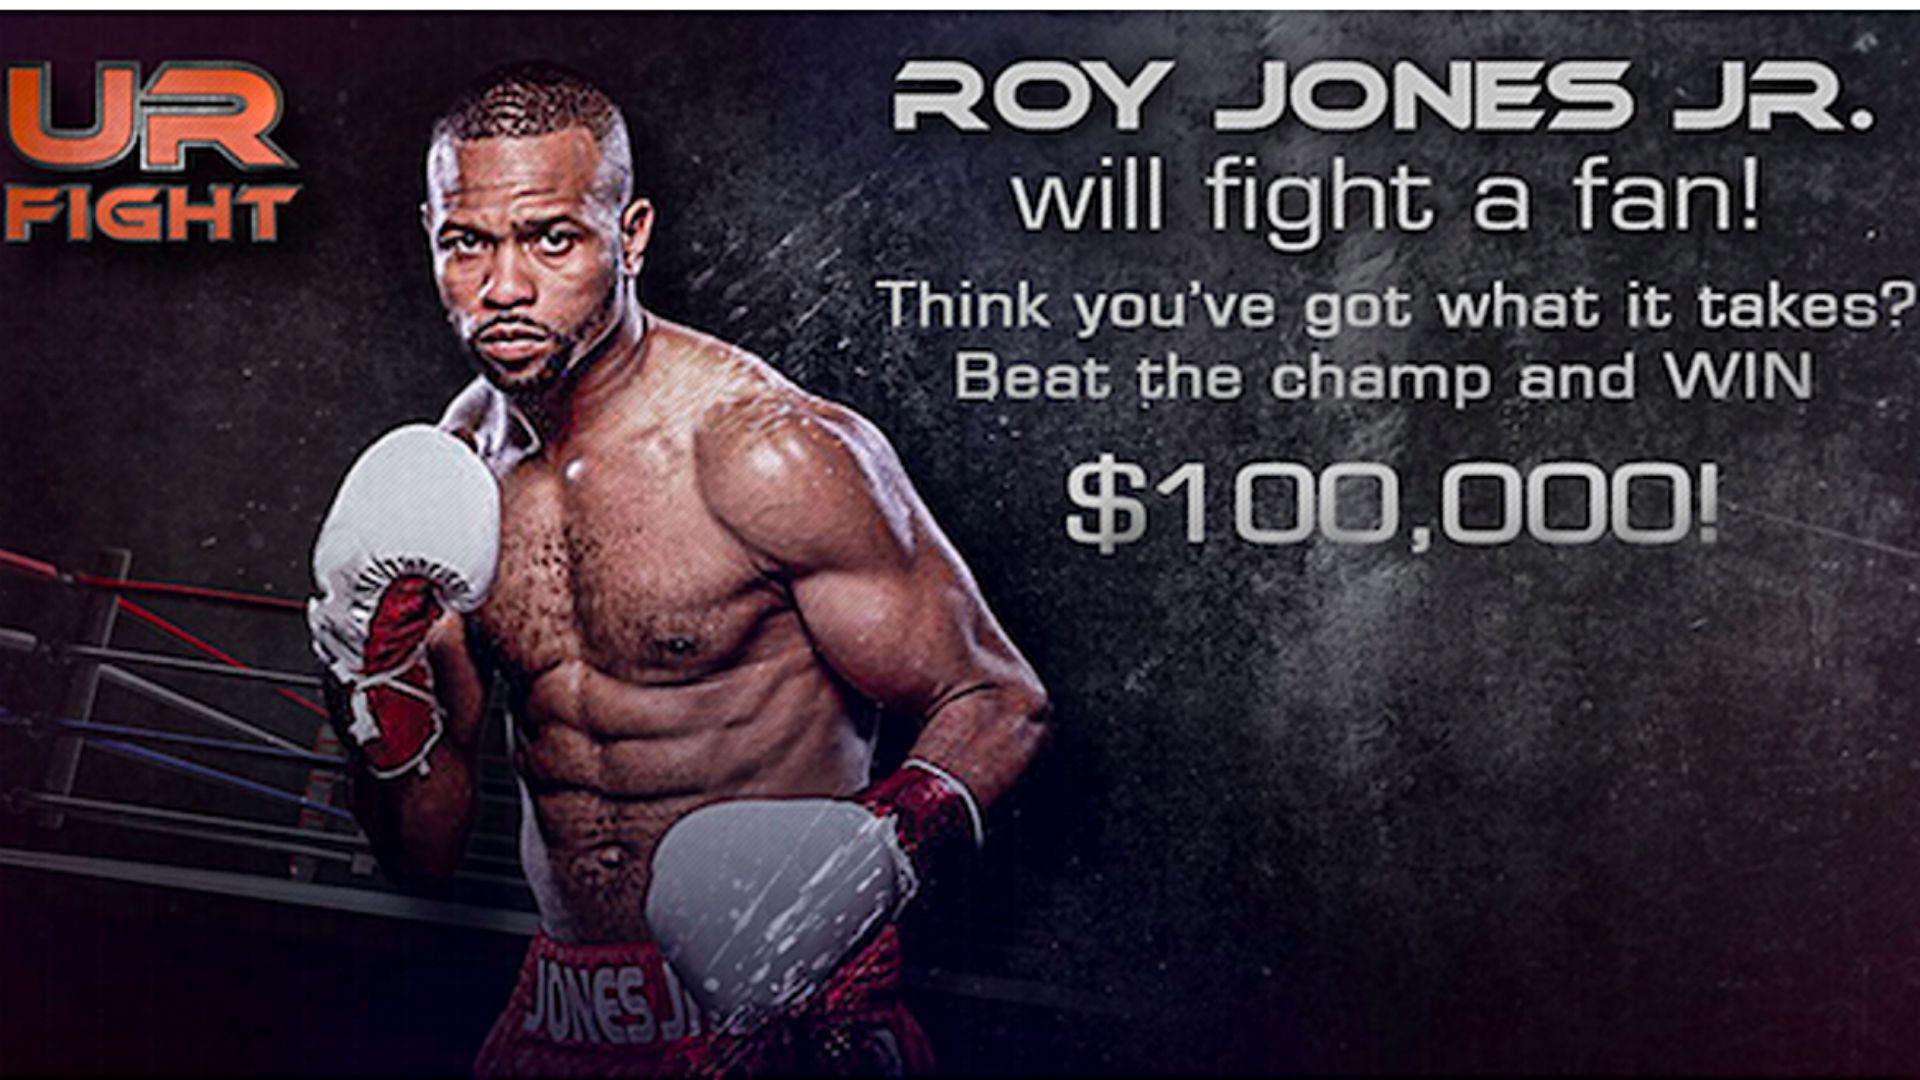 Roy Jones Jr. will fight fan with $100K on the line